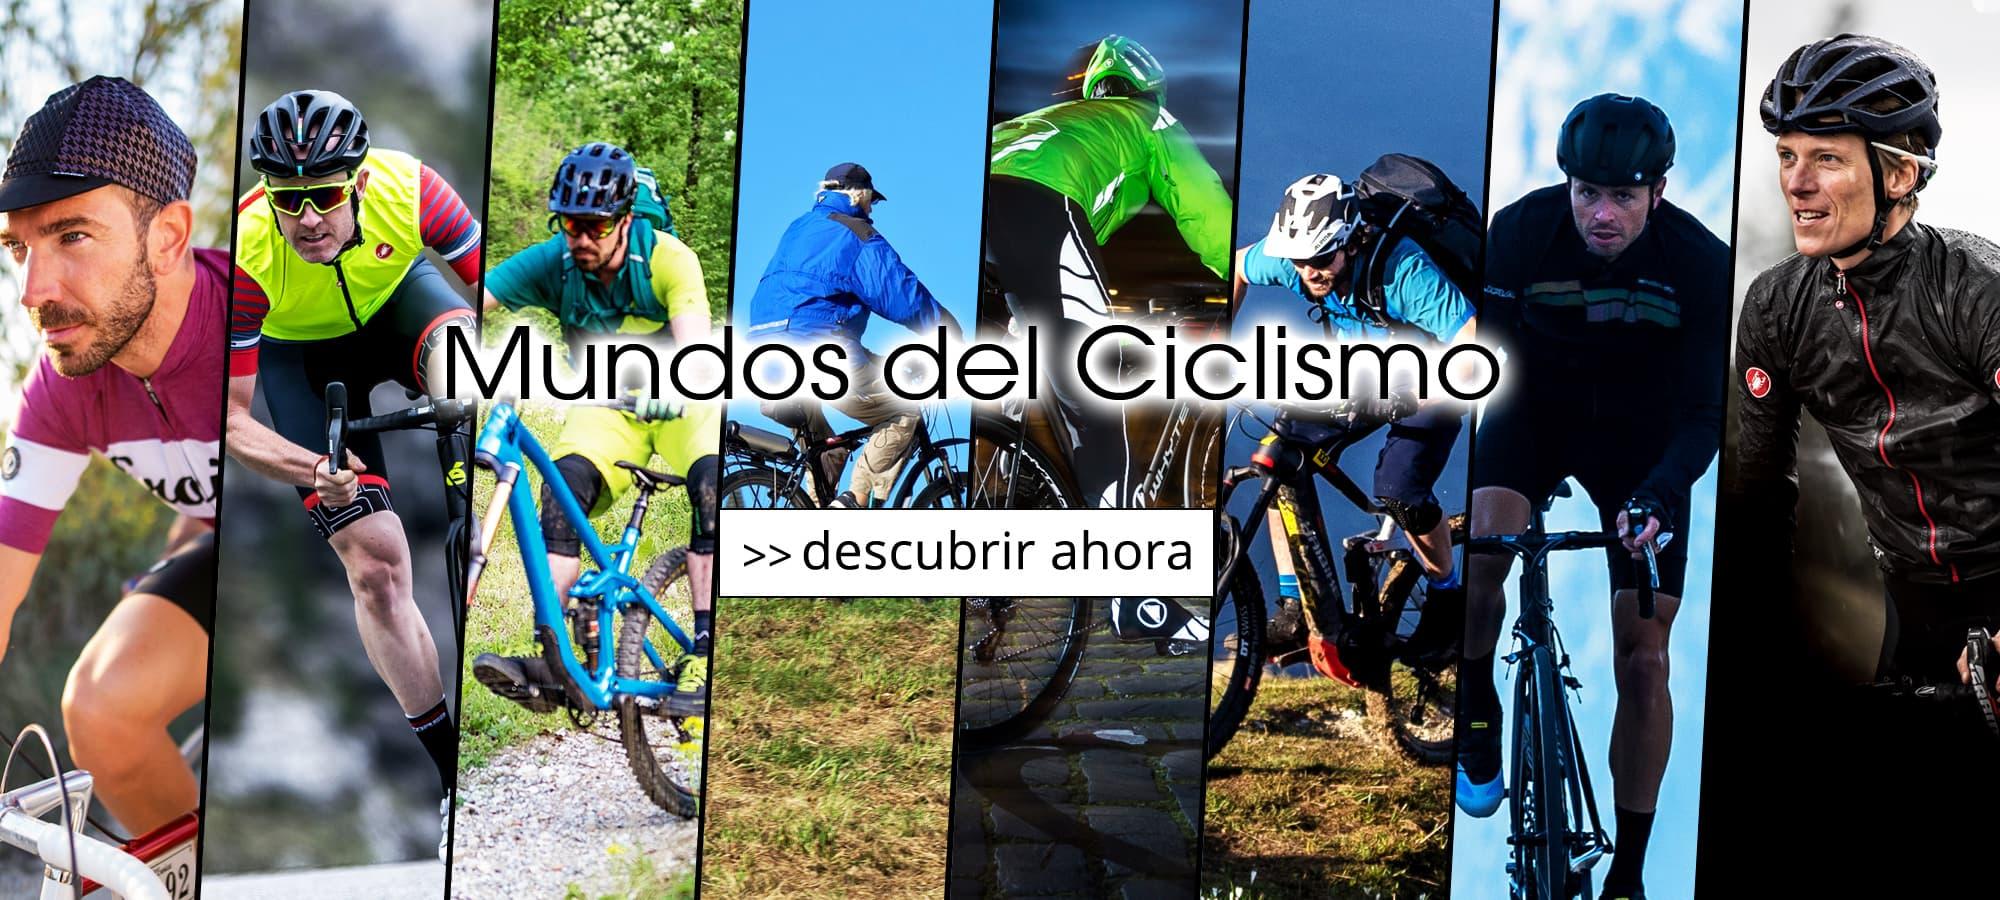 Mundos del Ciclismo